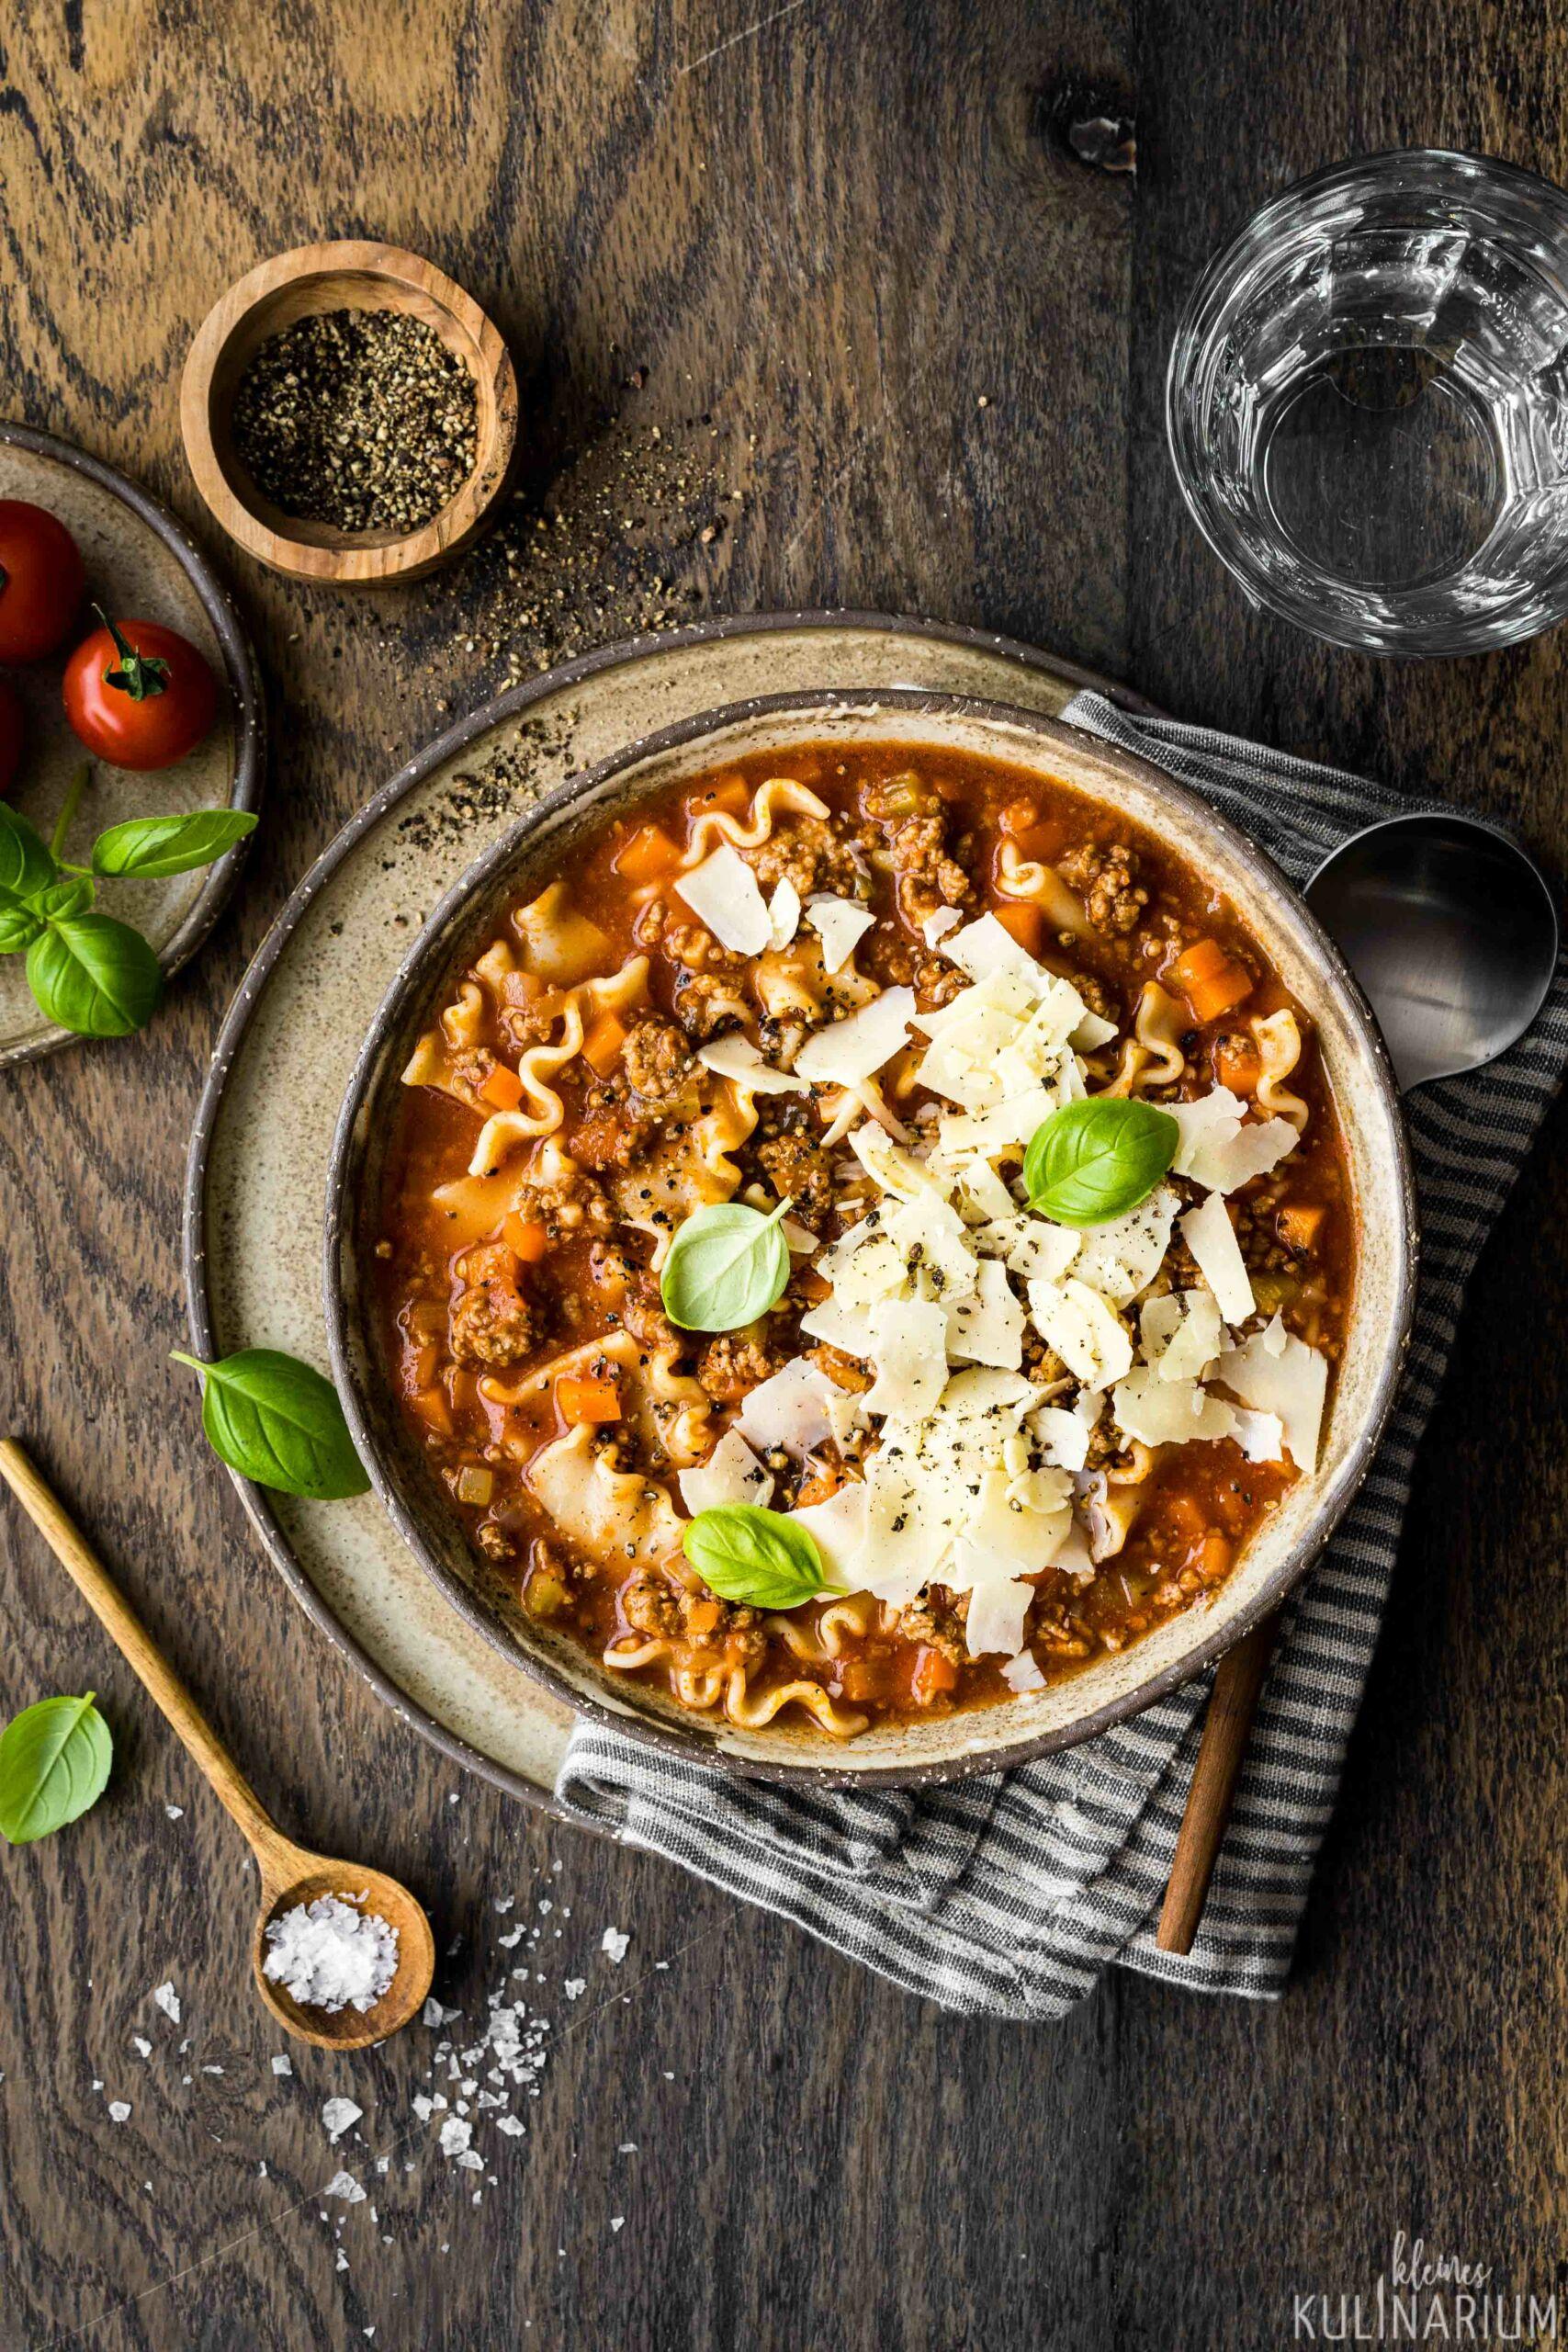 Köstliche One Pot Lasagne Suppe - Kleines Kulinarium